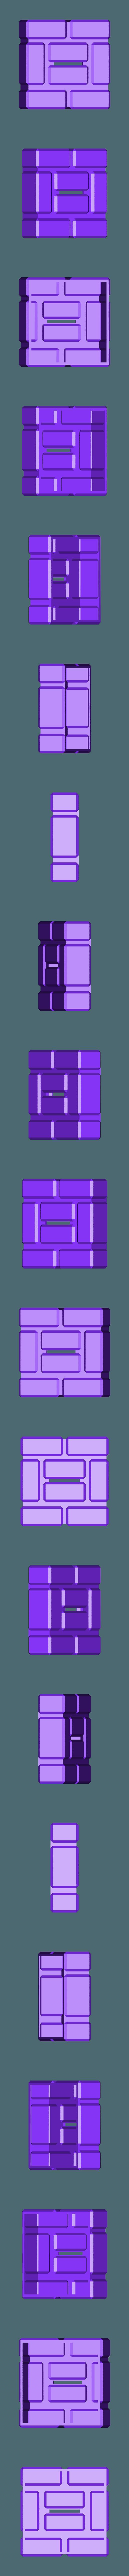 Top.stl Download free STL file Mario Brick Piggy Bank • 3D printable model, Dsk